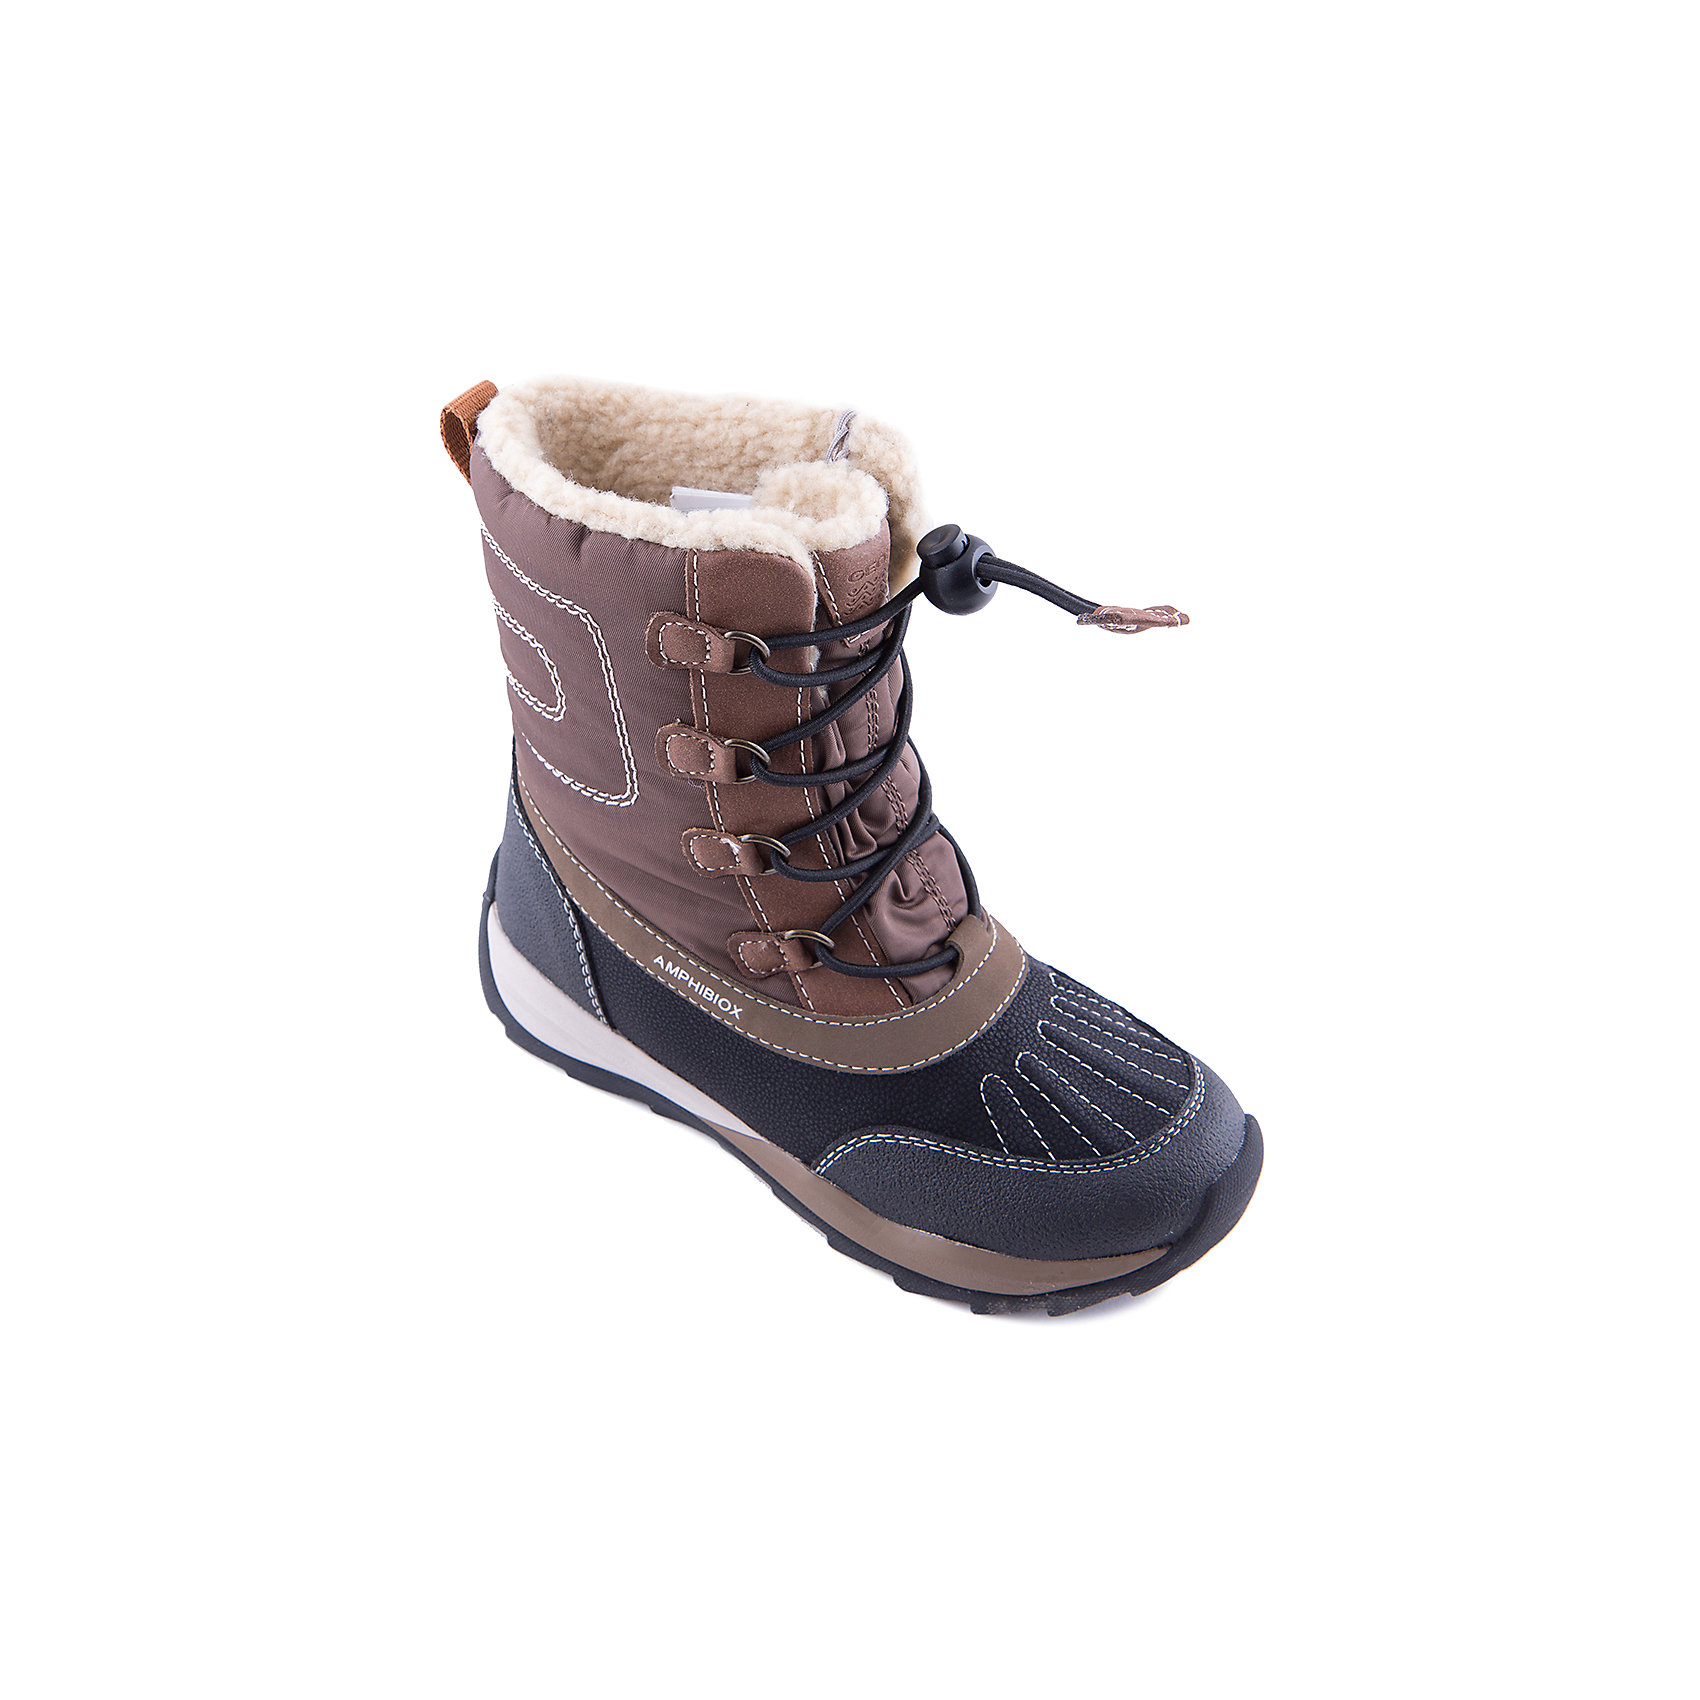 Сноубутсы для мальчика GeoxСноубутсы<br>Полусапоги GEOX (ГЕОКС)<br>Полусапоги от GEOX (ГЕОКС), выполненные из искусственной кожи и прочного текстиля, идеально подходят для холодной погоды. Плотная мягкая подкладка из искусственного меха согревает чувствительные детские ноги. Текстильная стелька улучшает тепловое сопротивление в холодных условиях, повышая температуру внутри обуви. Влага не застаивается в обуви, благодаря чему создается идеальный микроклимат, который держит ноги теплыми и сухими, и позволяет им дышать естественно. Колодка соответствует анатомическим особенностям строения детской стопы. Качественная амортизация снижает нагрузку на суставы. Запатентованная гибкая перфорированная подошва со специальной микропористой мембраной обеспечивает естественное дыхание обуви, не пропускает воду, не скользит. Модель имеет усиленный мыс и функциональную шнуровку.<br><br>Дополнительная информация:<br><br>- Сезон: зима<br>- Цвет: черный, коричневый<br>- Материал верха: искусственная кожа, текстиль<br>- Внутренний материал: искусственный мех<br>- Материал стельки: текстиль<br>- Материал подошвы: резина<br>- Тип застежки: шнуровка<br>- Высота голенища/задника: 13,5 см.<br>- Технология Amphibiox<br>- Материалы и продукция прошли специальную проверку T?V S?D, на отсутствие веществ, опасных для здоровья покупателей<br><br>Полусапоги GEOX (ГЕОКС) можно купить в нашем интернет-магазине.<br><br>Ширина мм: 257<br>Глубина мм: 180<br>Высота мм: 130<br>Вес г: 420<br>Цвет: коричневый<br>Возраст от месяцев: 36<br>Возраст до месяцев: 48<br>Пол: Мужской<br>Возраст: Детский<br>Размер: 27,27,34,32,30,31,33,35,36,38,37,28,29,28,29<br>SKU: 4178420